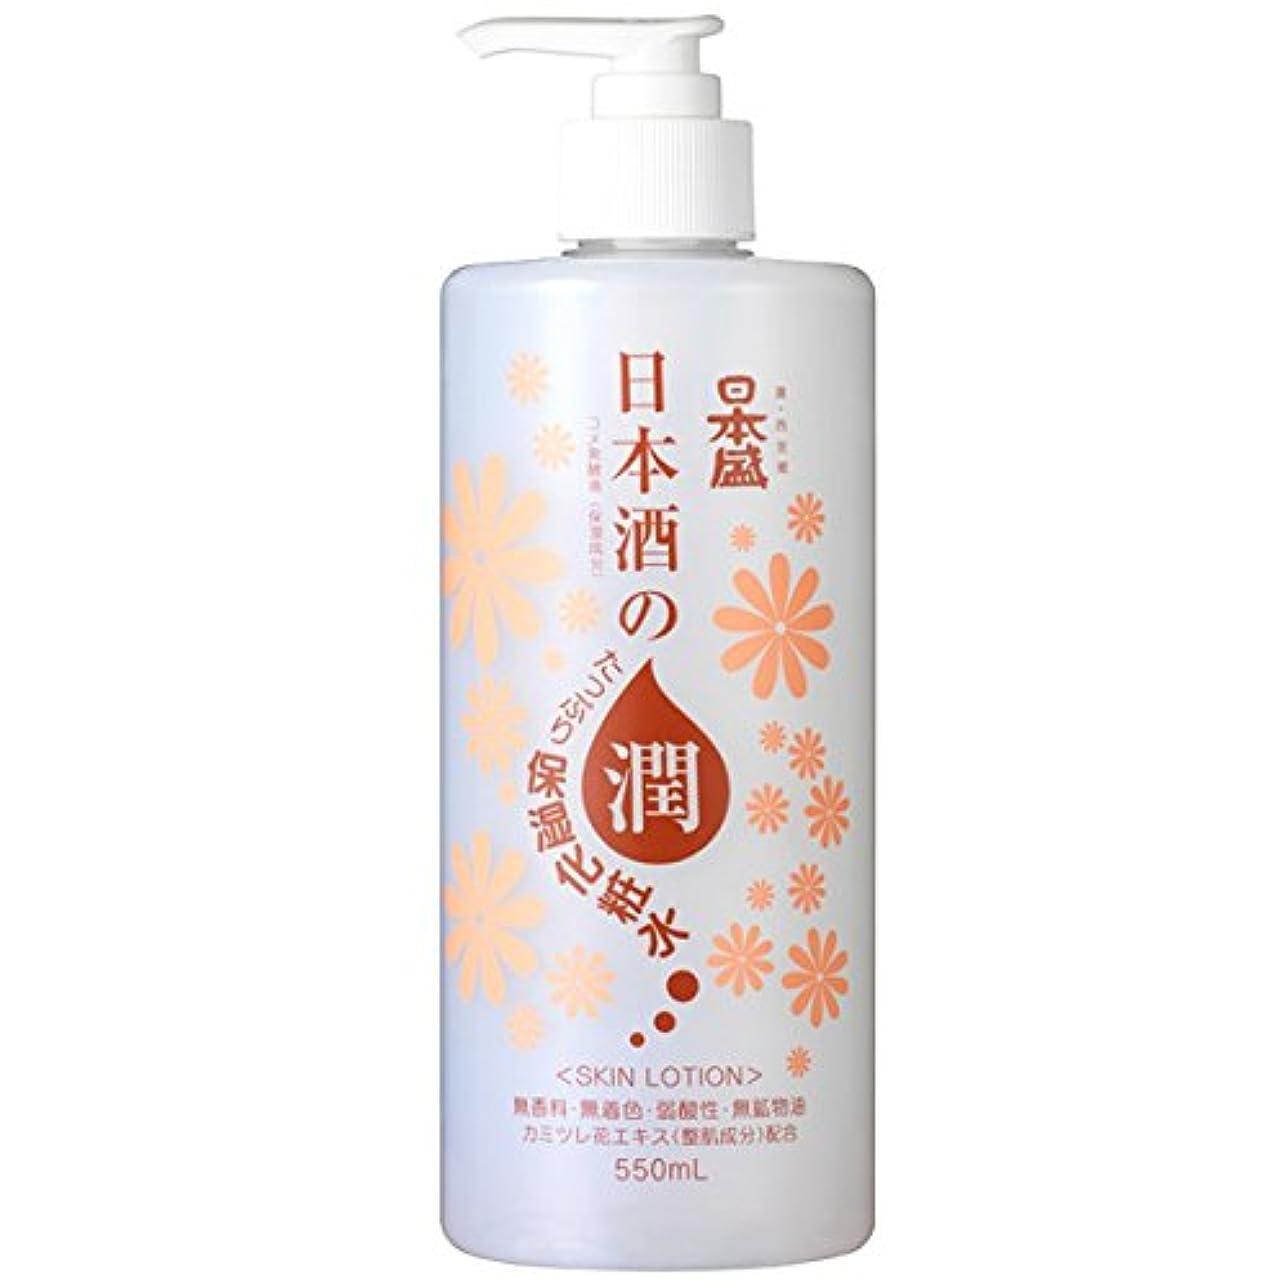 マウス援助識別日本酒のたっぷり保湿化粧水 550ml